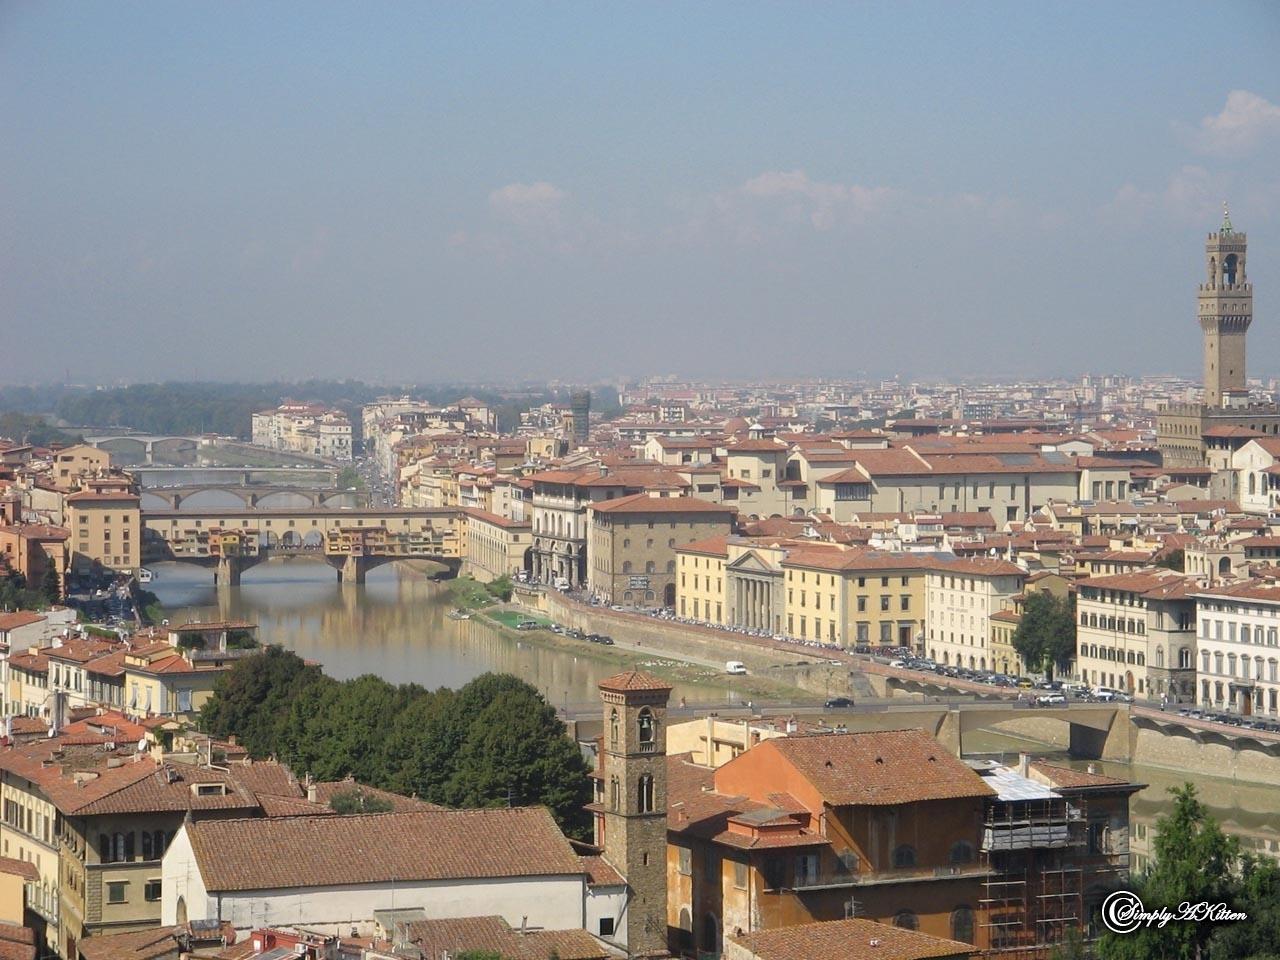 9499 скачать обои Пейзаж, Города, Река, Мосты, Архитектура - заставки и картинки бесплатно